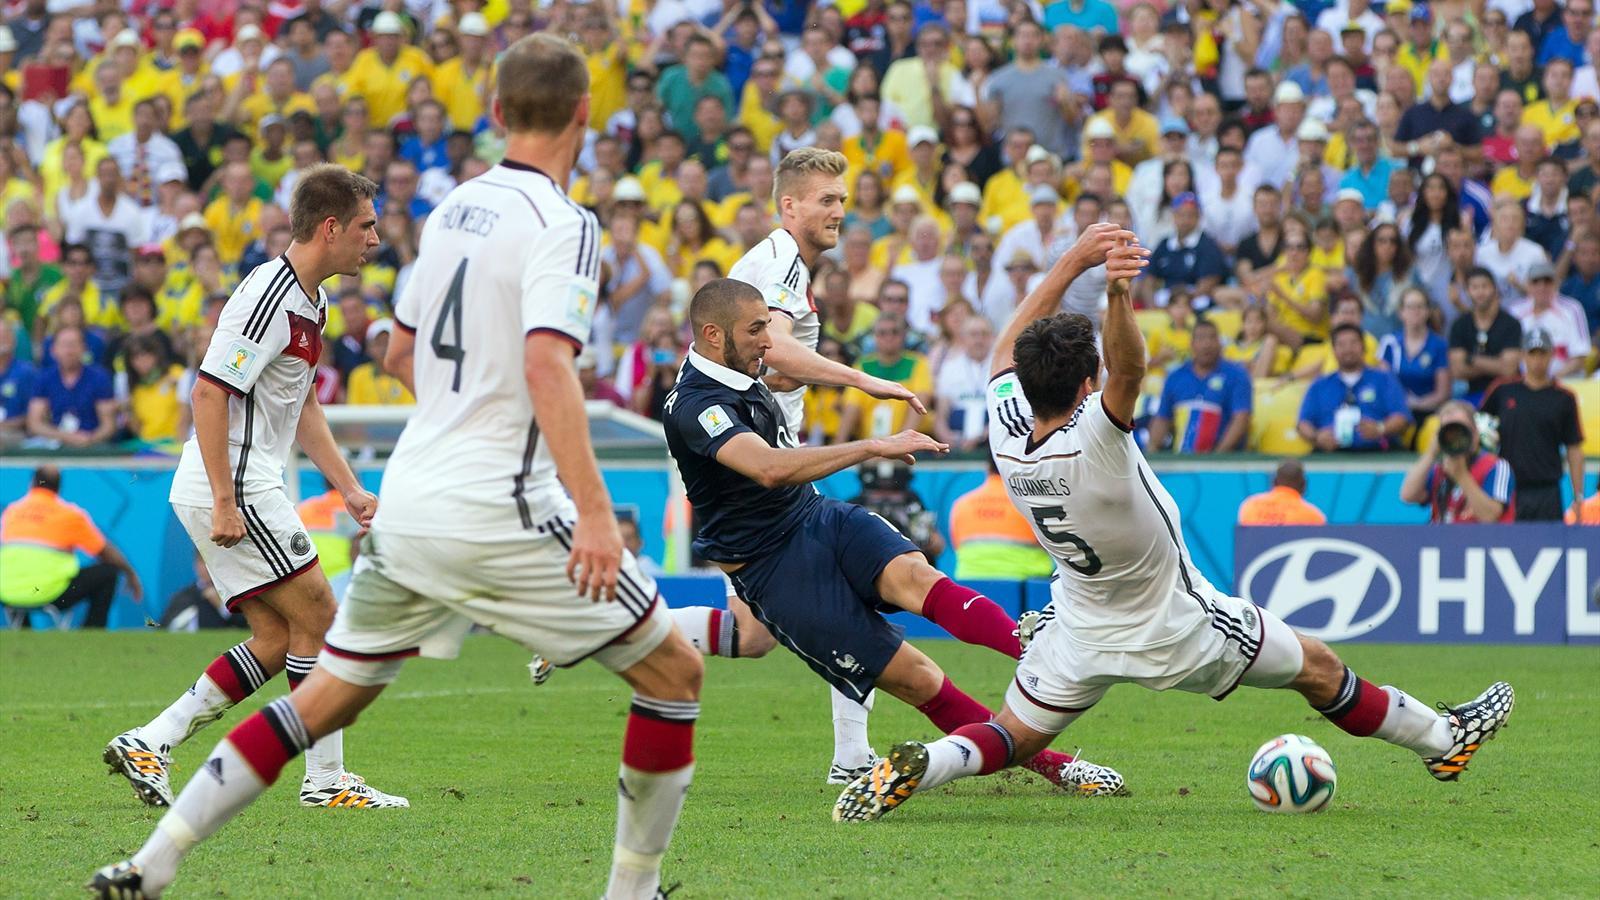 Coupe du monde il fallait un grand karim benzema aux bleus on ne l 39 a pas eu quand a comptait - Classement coupe du monde 2014 ...